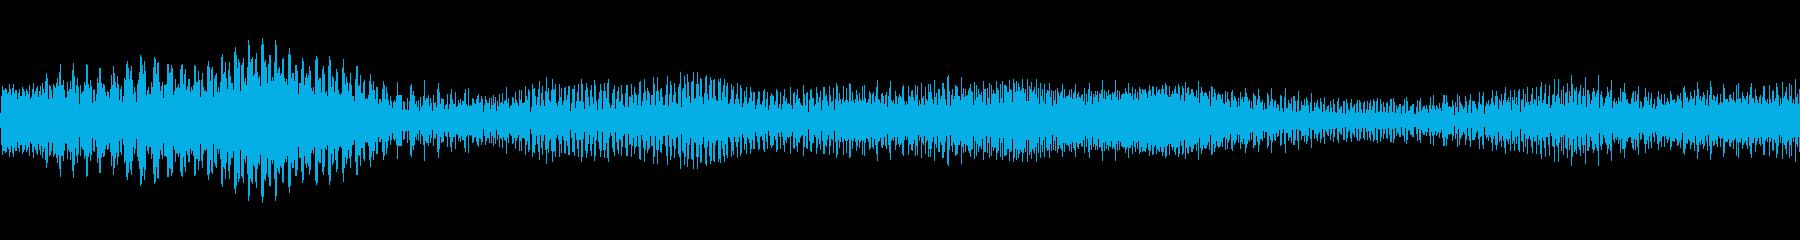 スティンガーレーザーSci Fiの再生済みの波形